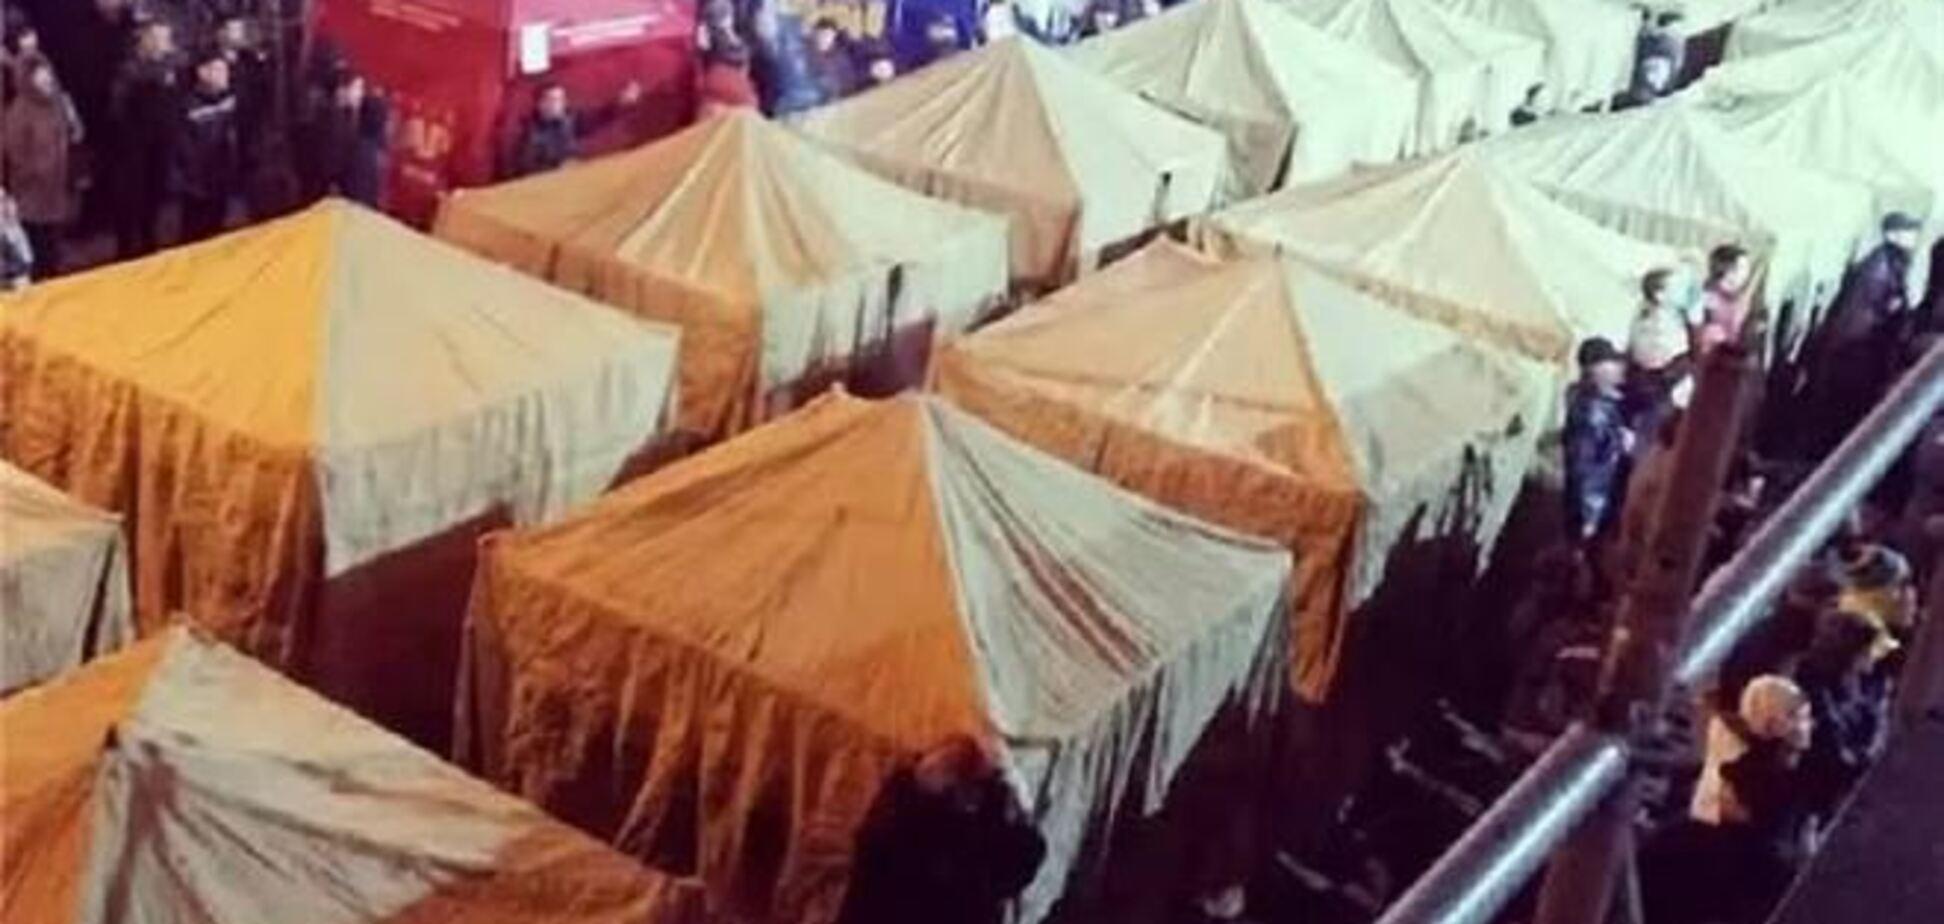 В оппозиции обещают установить в Киеве около 100 палаток